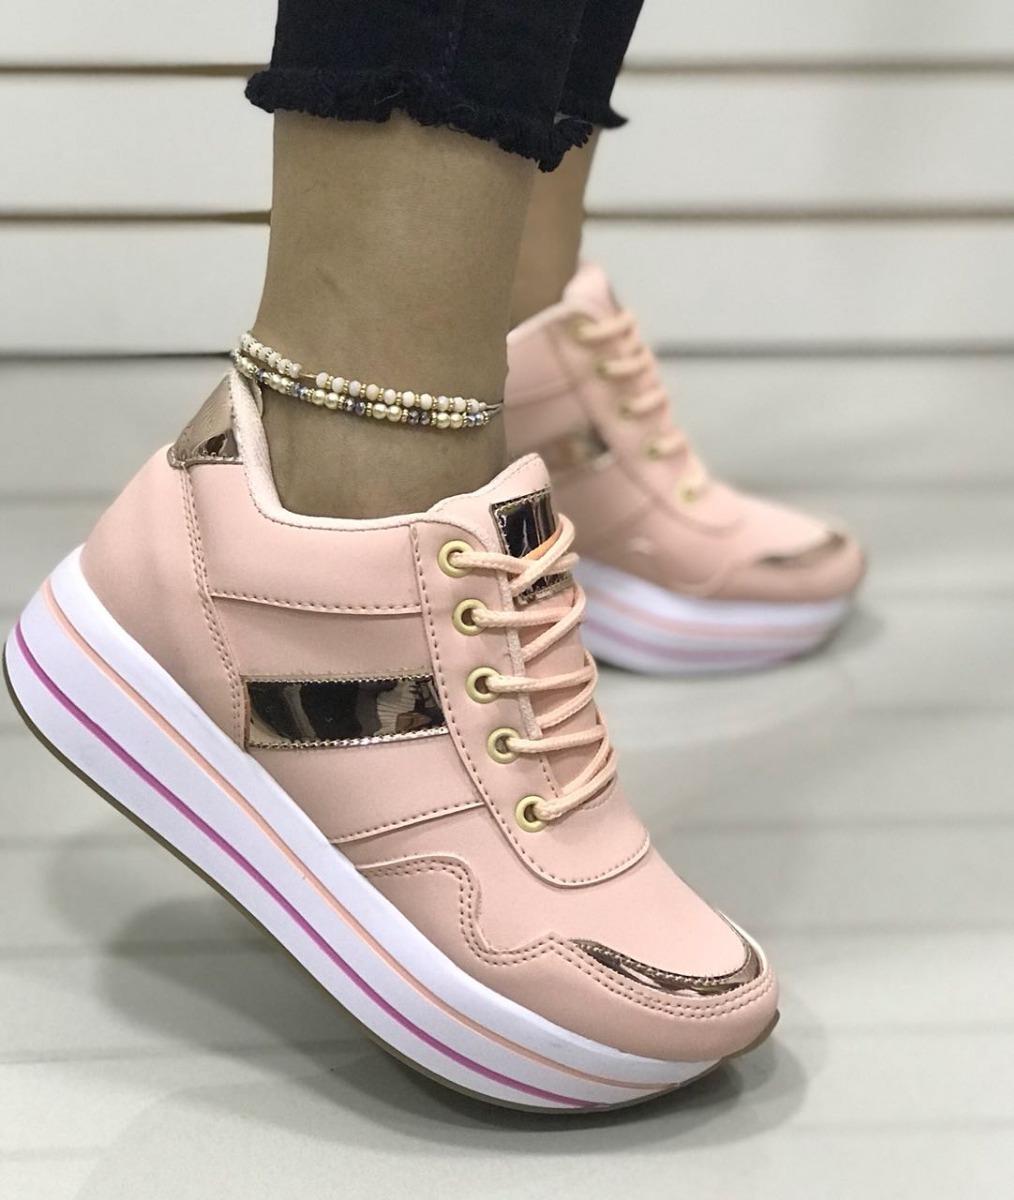 eec01fab15e60 zapatos deportivos suela alta salmon curuba dama moda mujer. Cargando zoom.